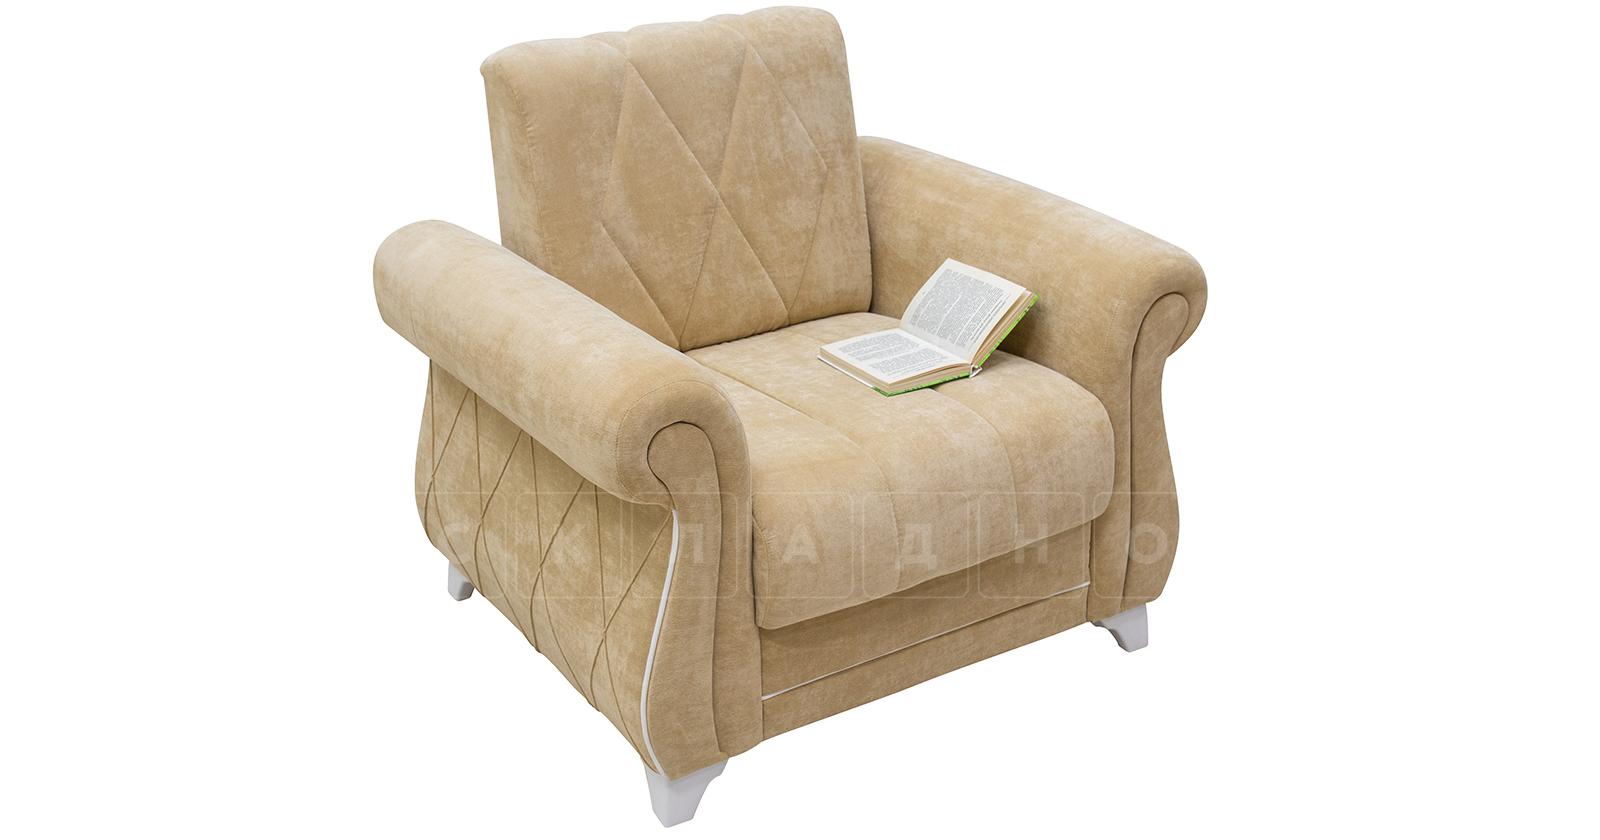 Кресло для отдыха Роза желто-песочный фото 5 | интернет-магазин Складно